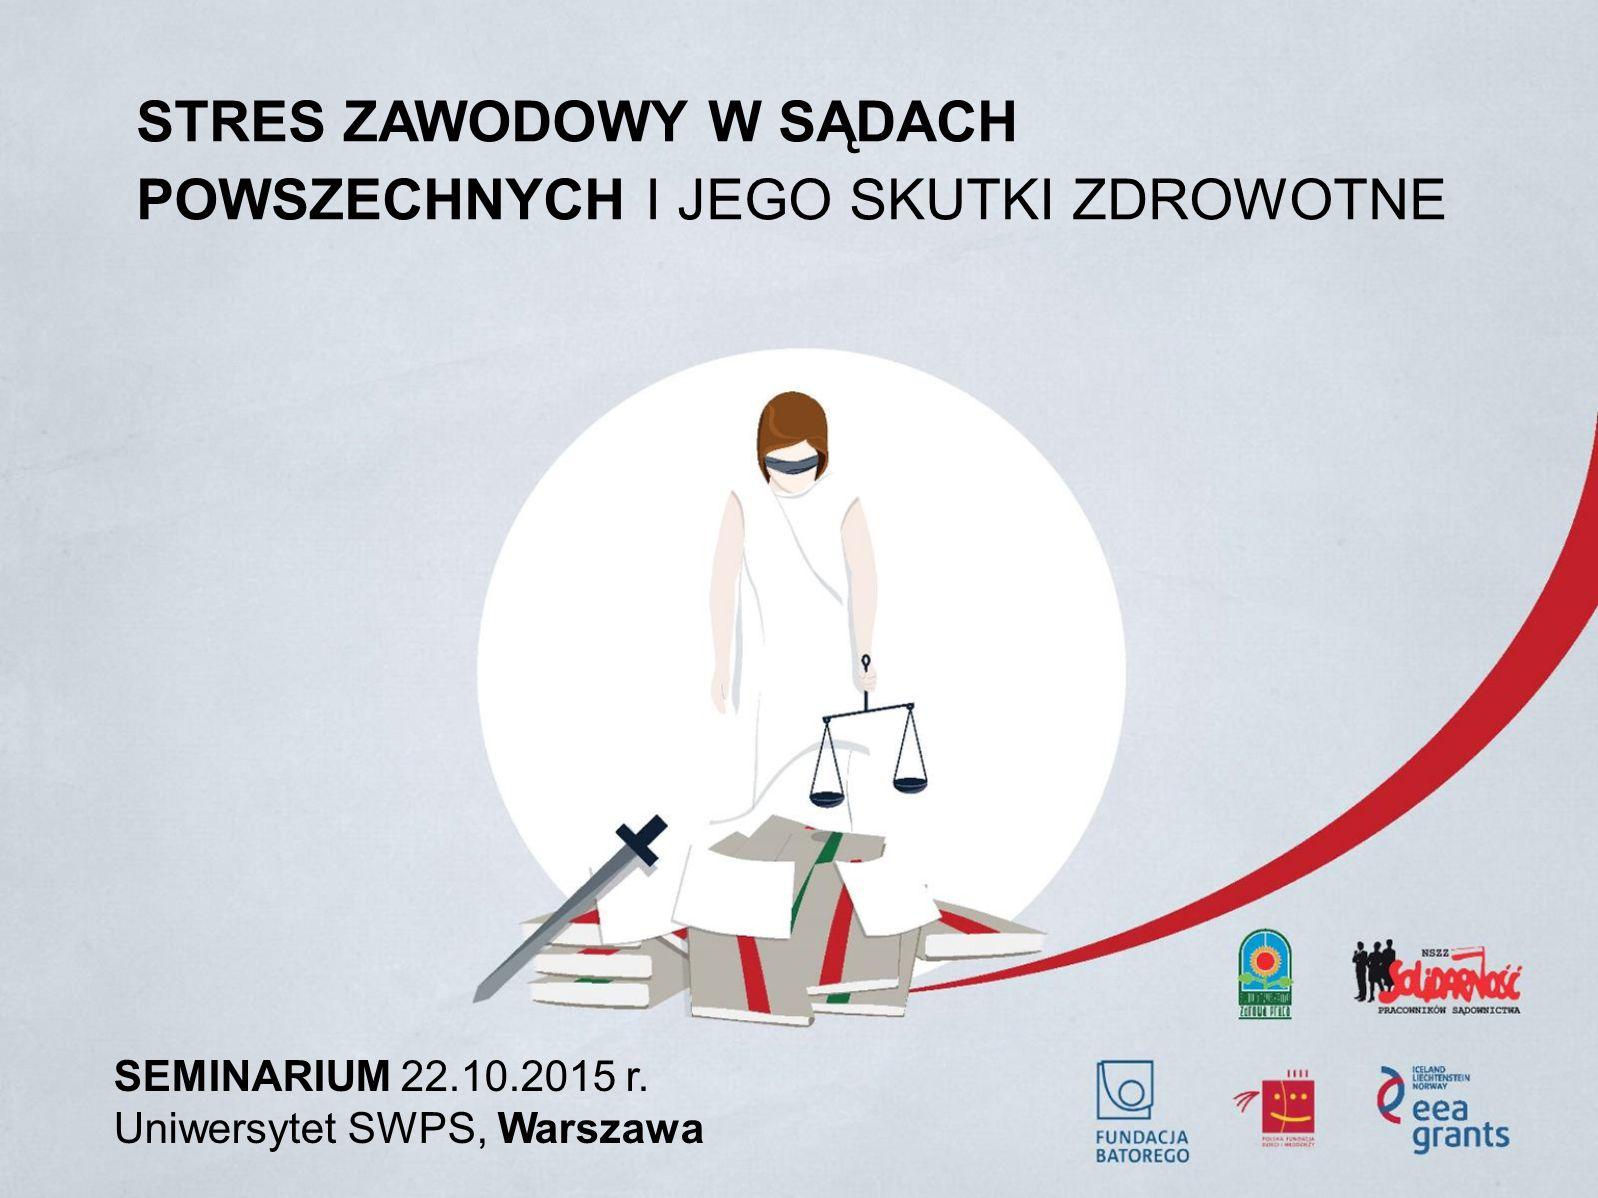 STRES ZAWODOWY W SĄDACH POWSZECHNYCH I JEGO SKUTKI ZDROWOTNE SEMINARIUM 22.10.2015 r.